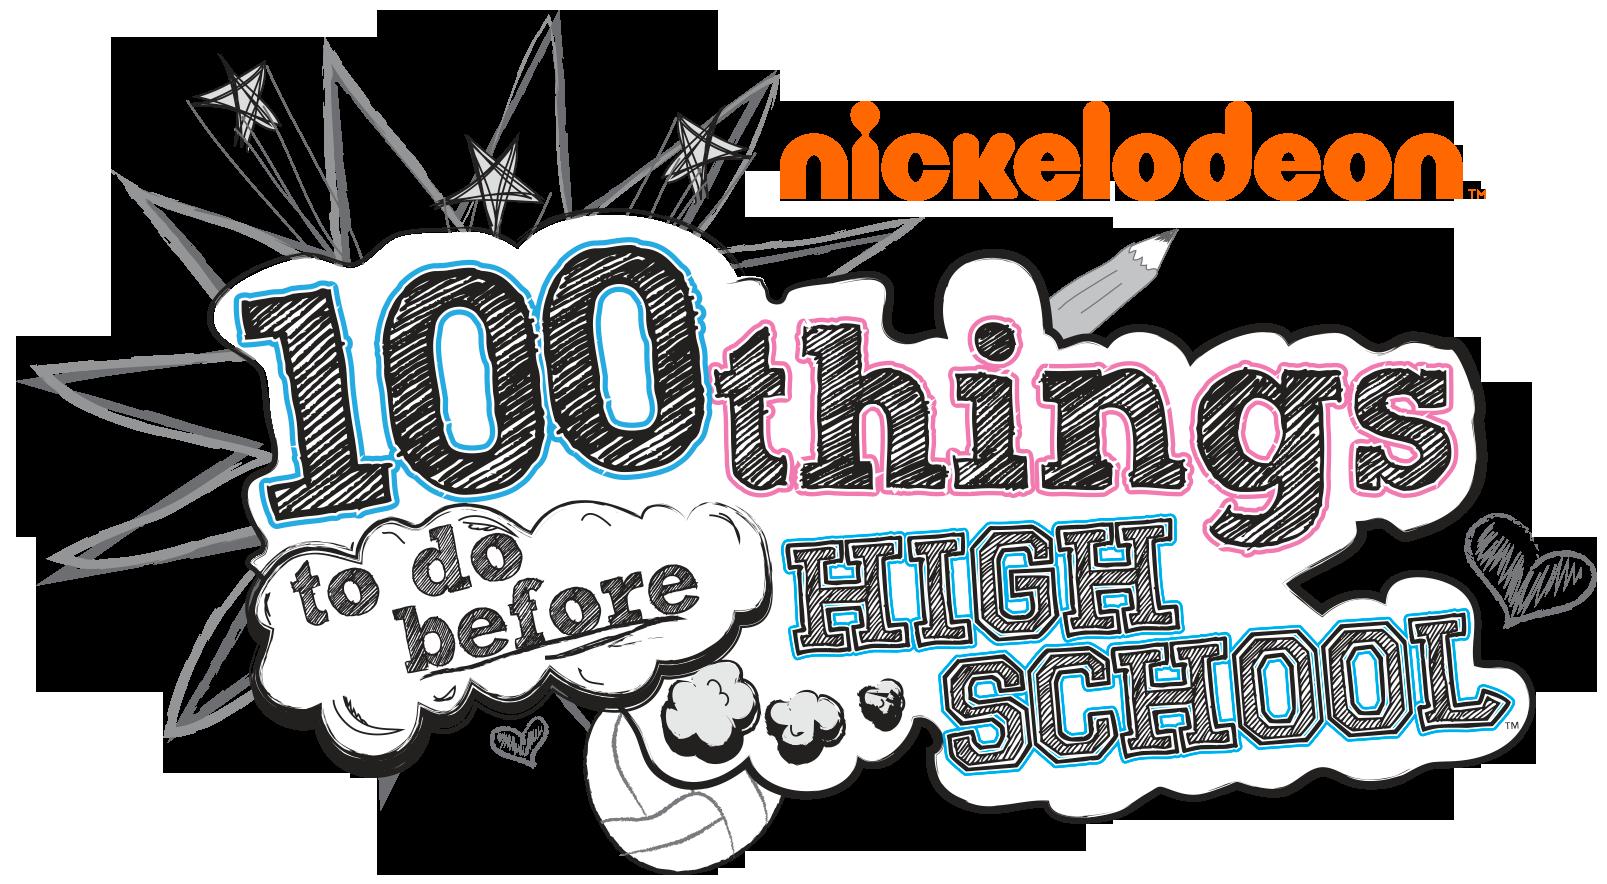 Cj aus 100 dinge bis zur highschool nackt